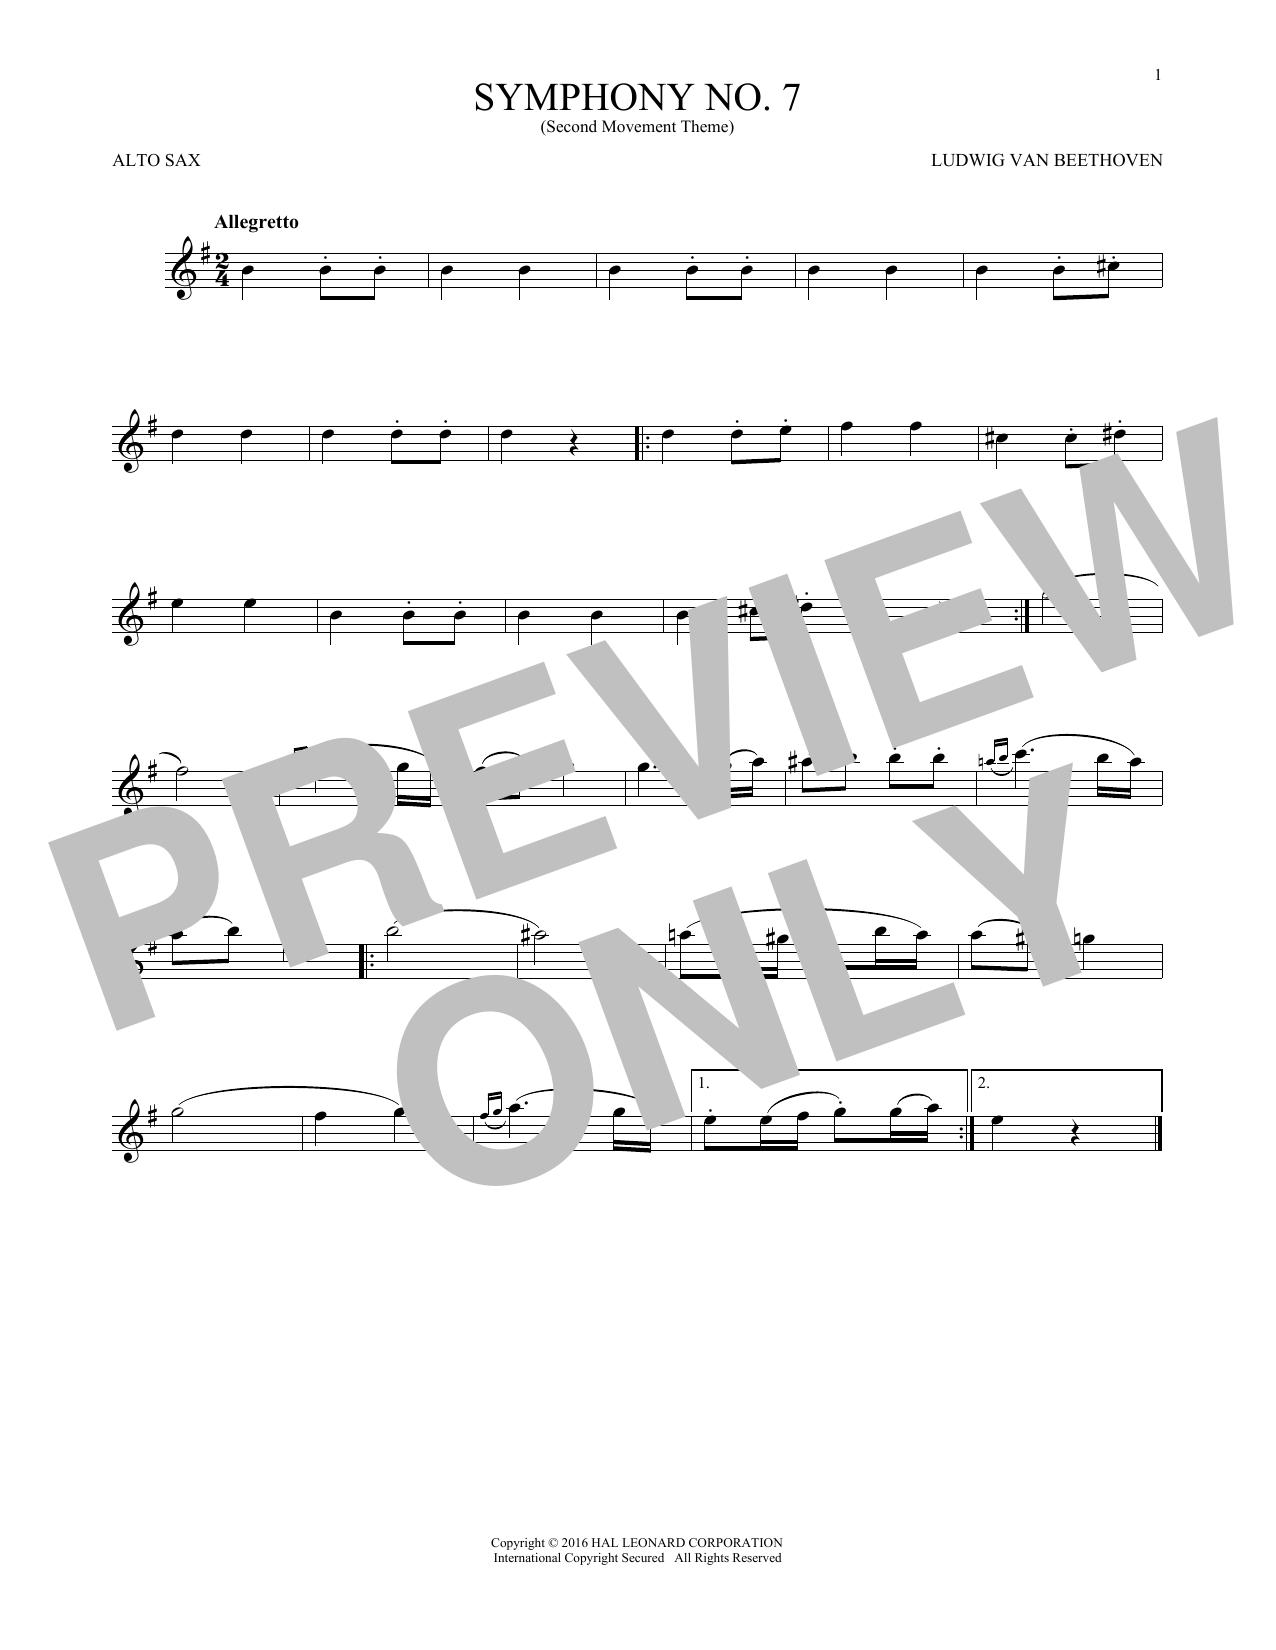 Symphony No. 7 In A Major, Second Movement (Allegretto) (Alto Sax Solo)